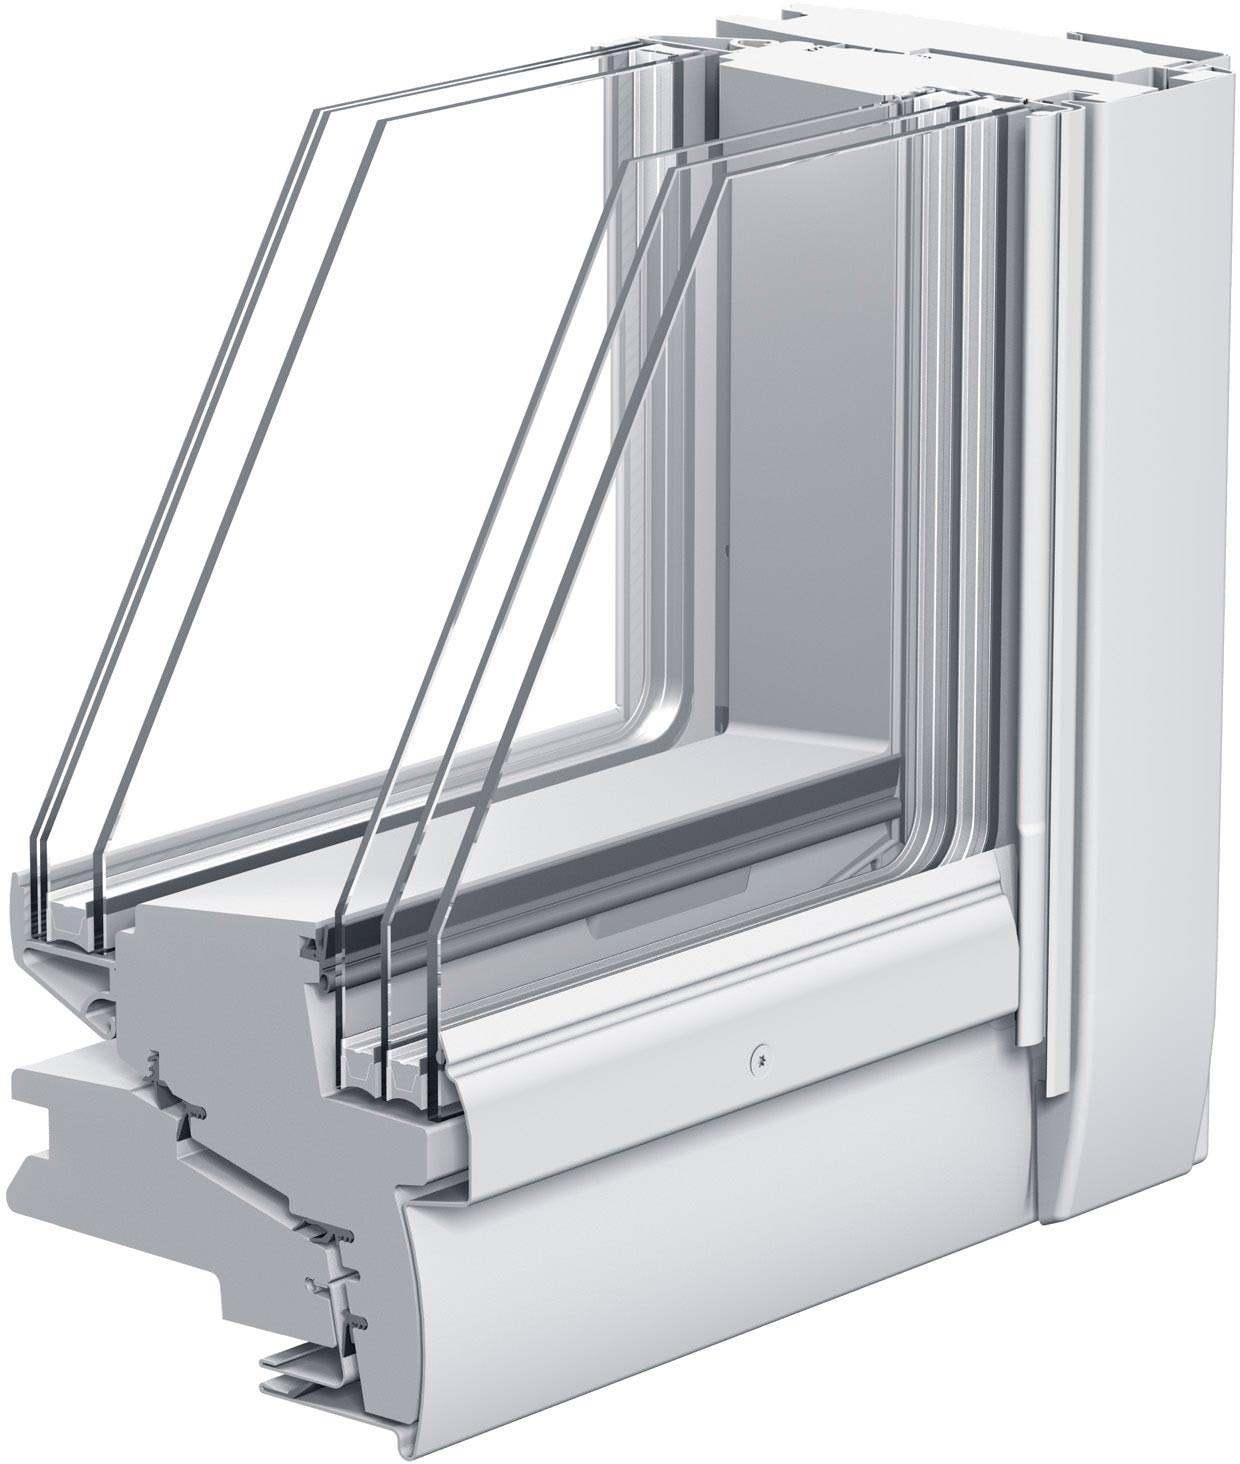 5 fach verglast erstes als zertifizierte passivhaus komponente eingestuftes dachfenster. Black Bedroom Furniture Sets. Home Design Ideas